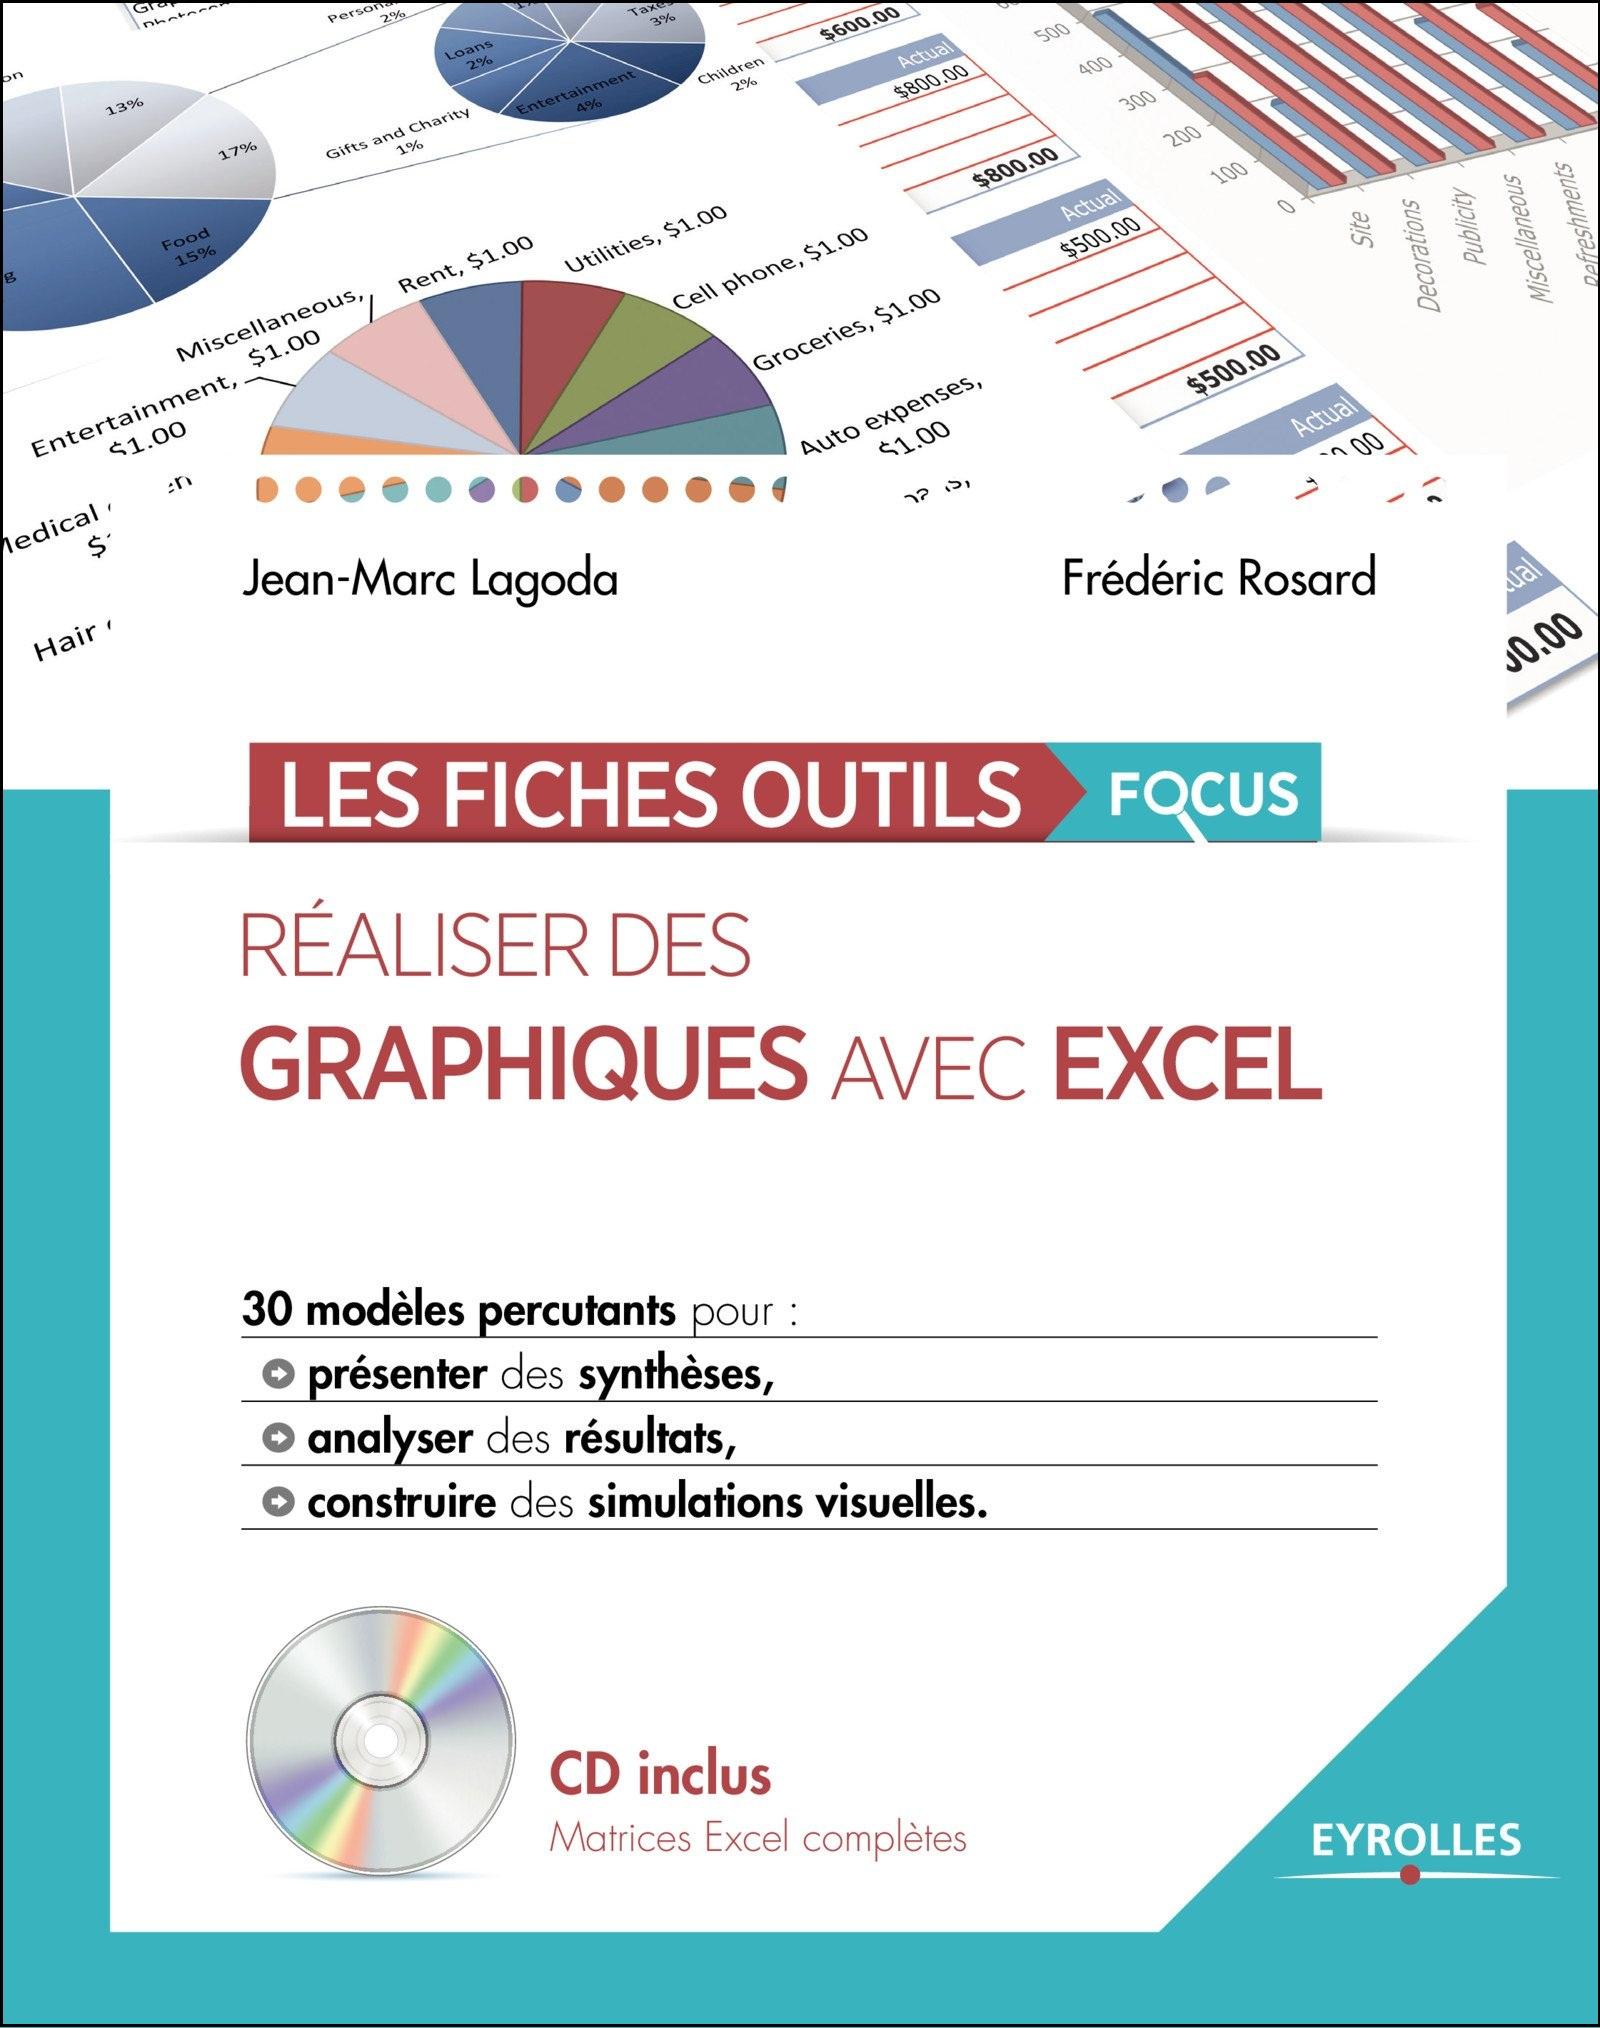 Réaliser des graphiques avec Excel